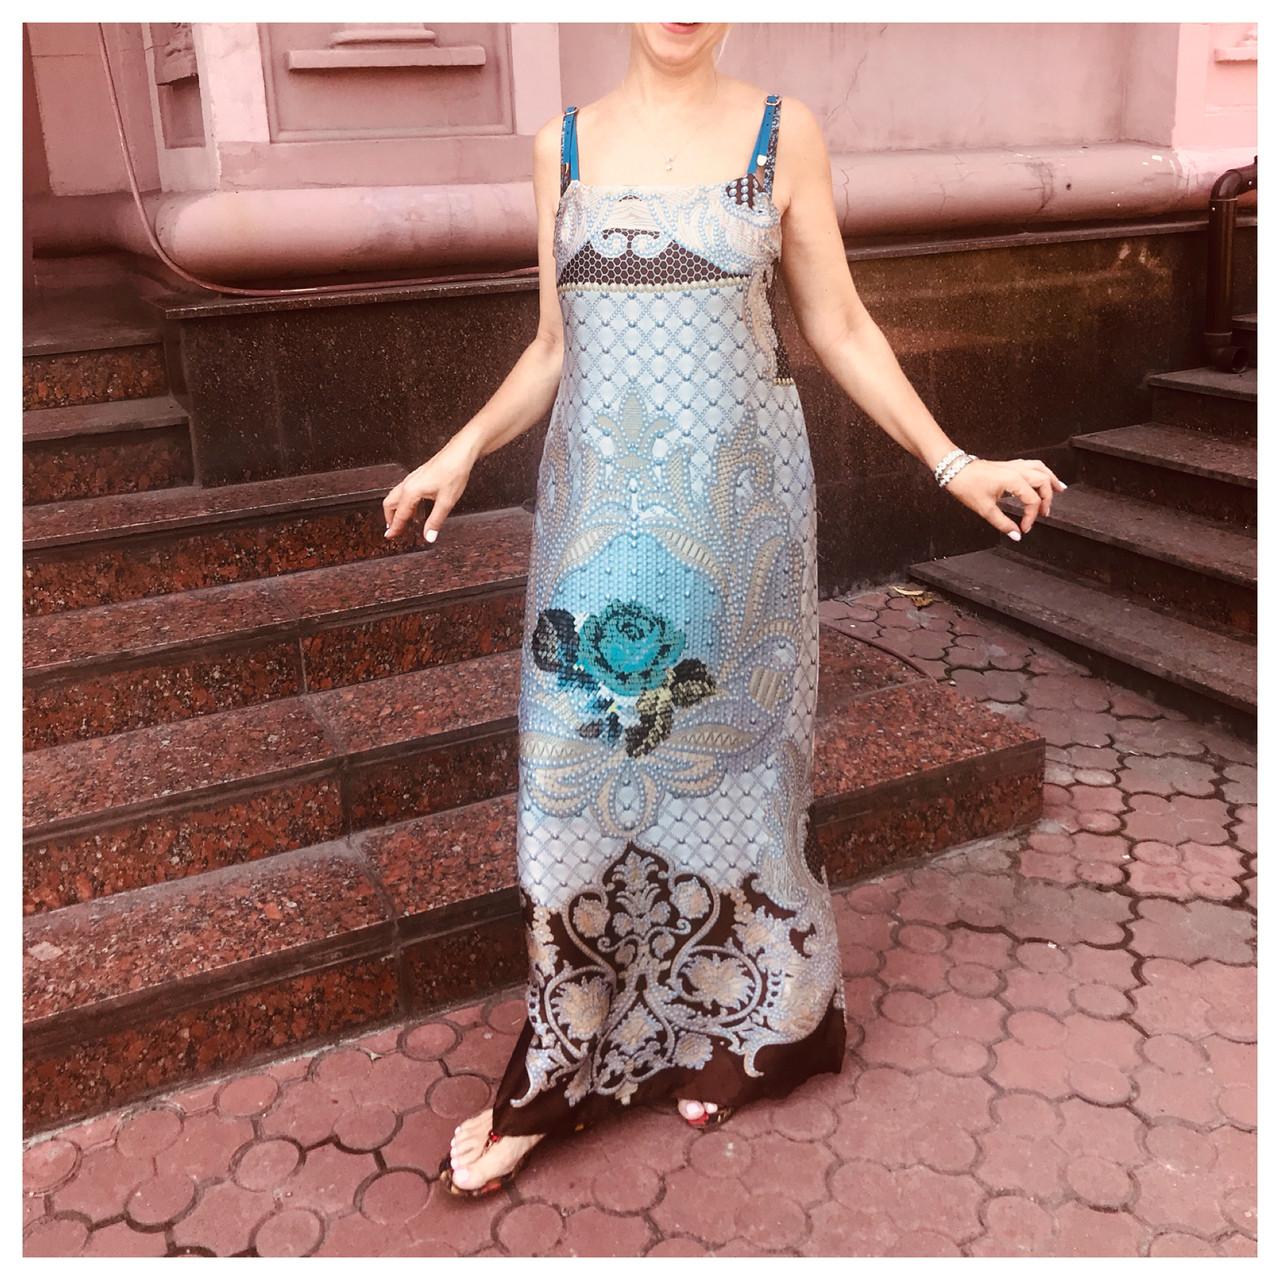 Сарафан женский летний светлый  длинный в пол шелк легкий модный стильный